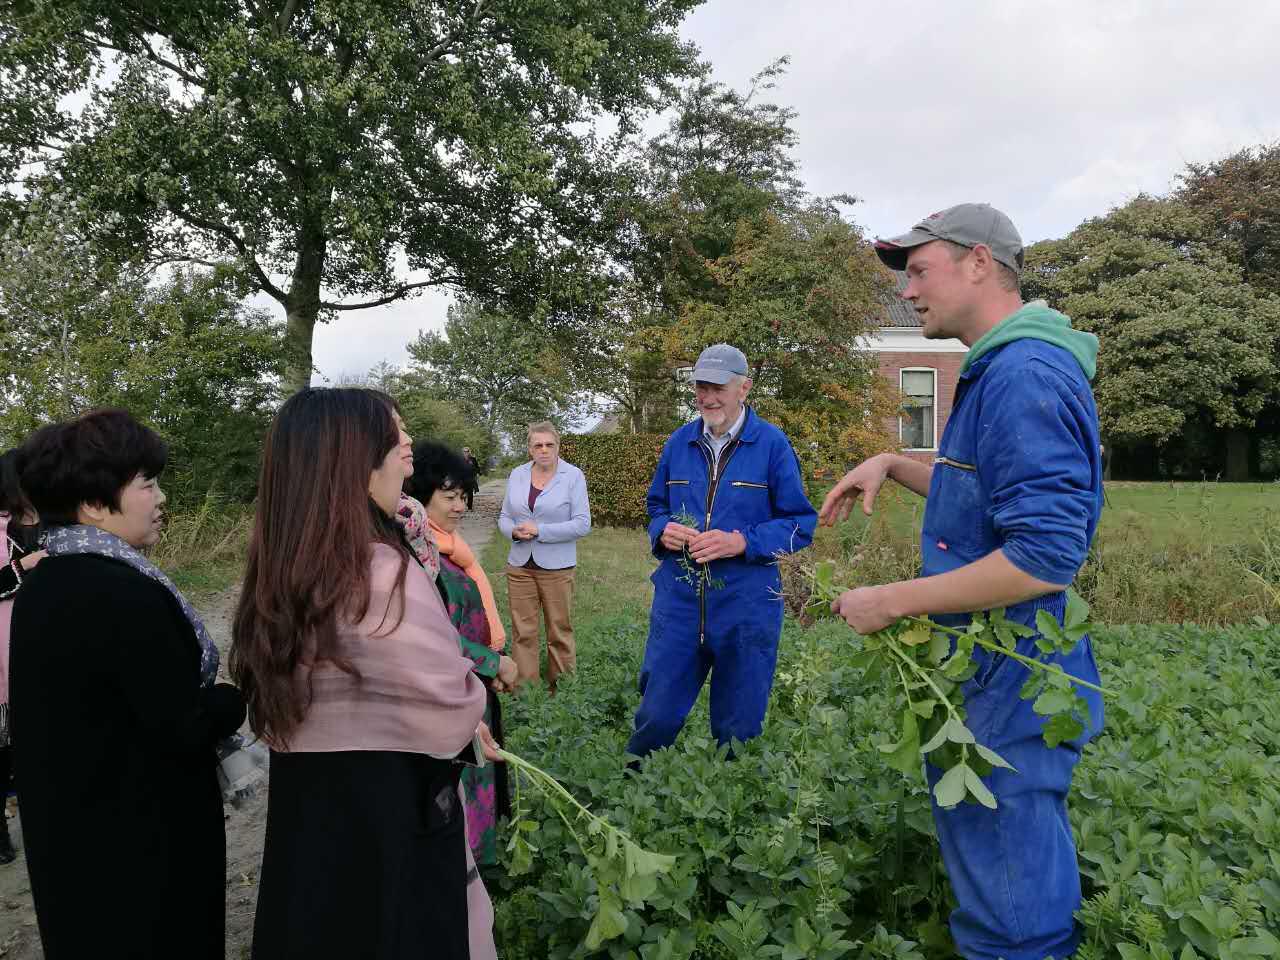 Bezoek aan de biologische boerderij Horaholm